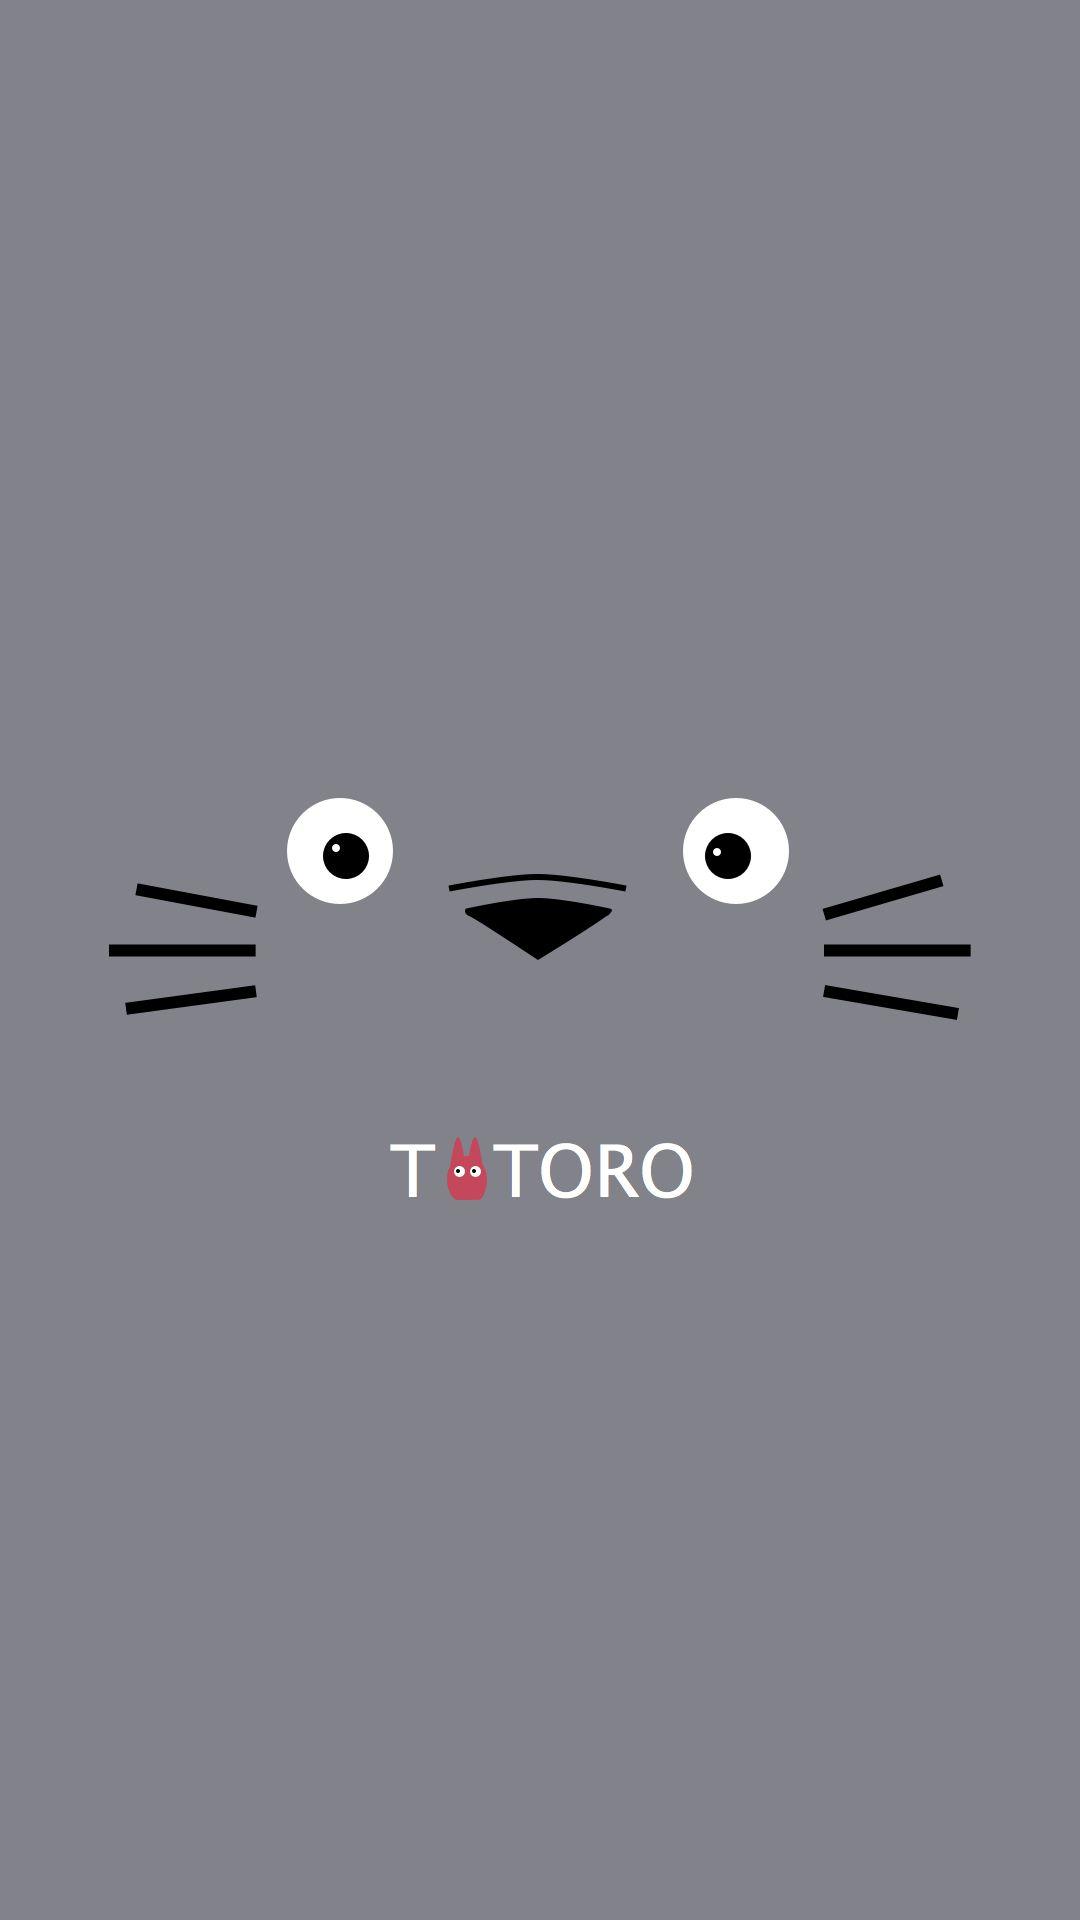 可愛い かわいい トトロ イラスト